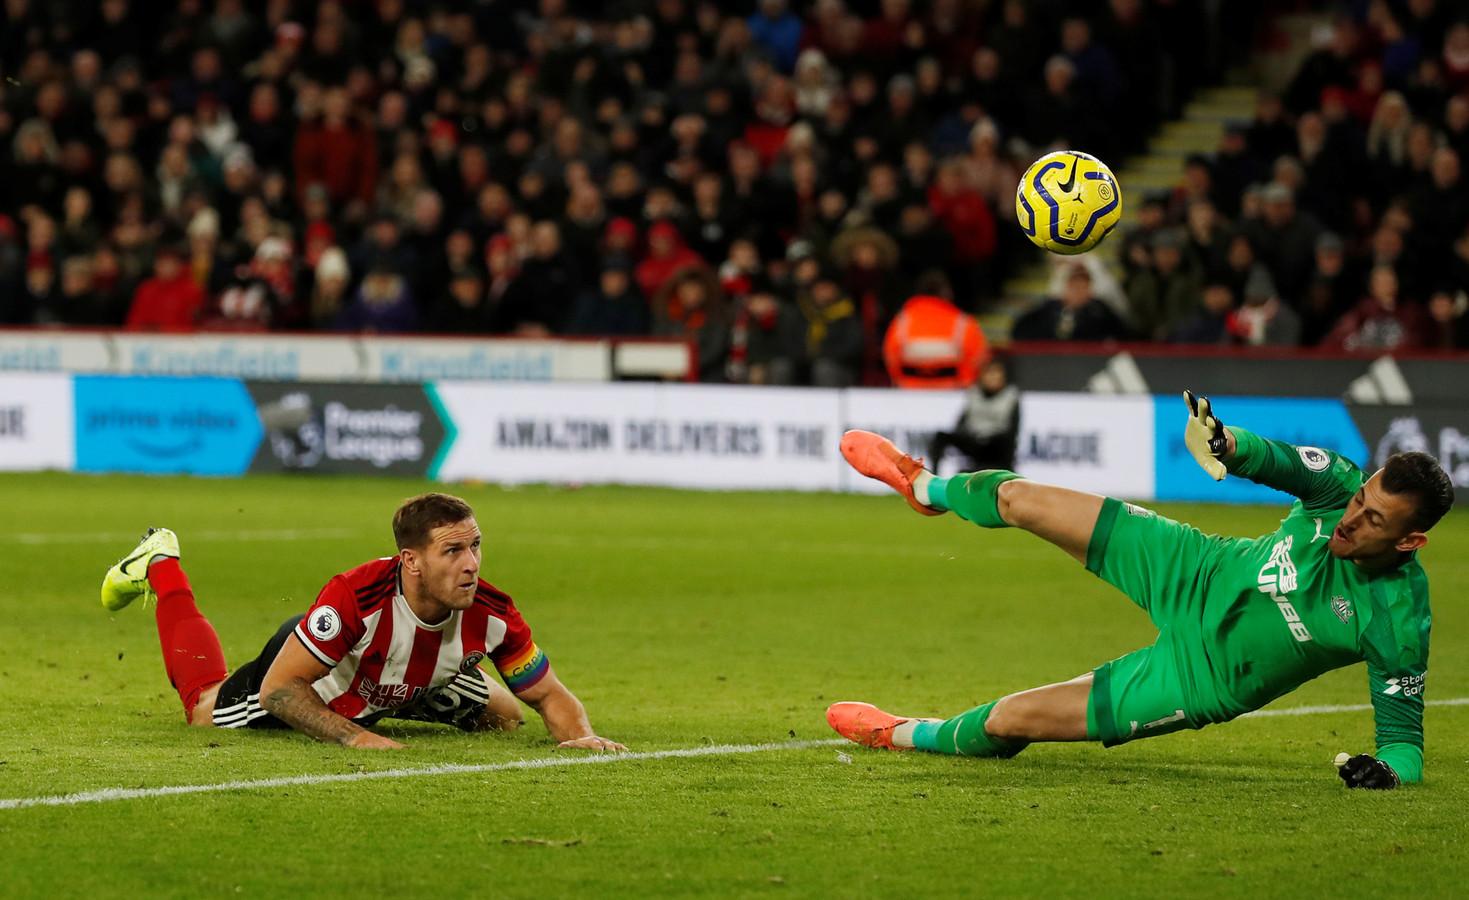 Ook Billy Sharp (links) krijgt de bal namens Sheffield United niet langs de uitblinkende doelman Martin Dubravka van Newcastle United.